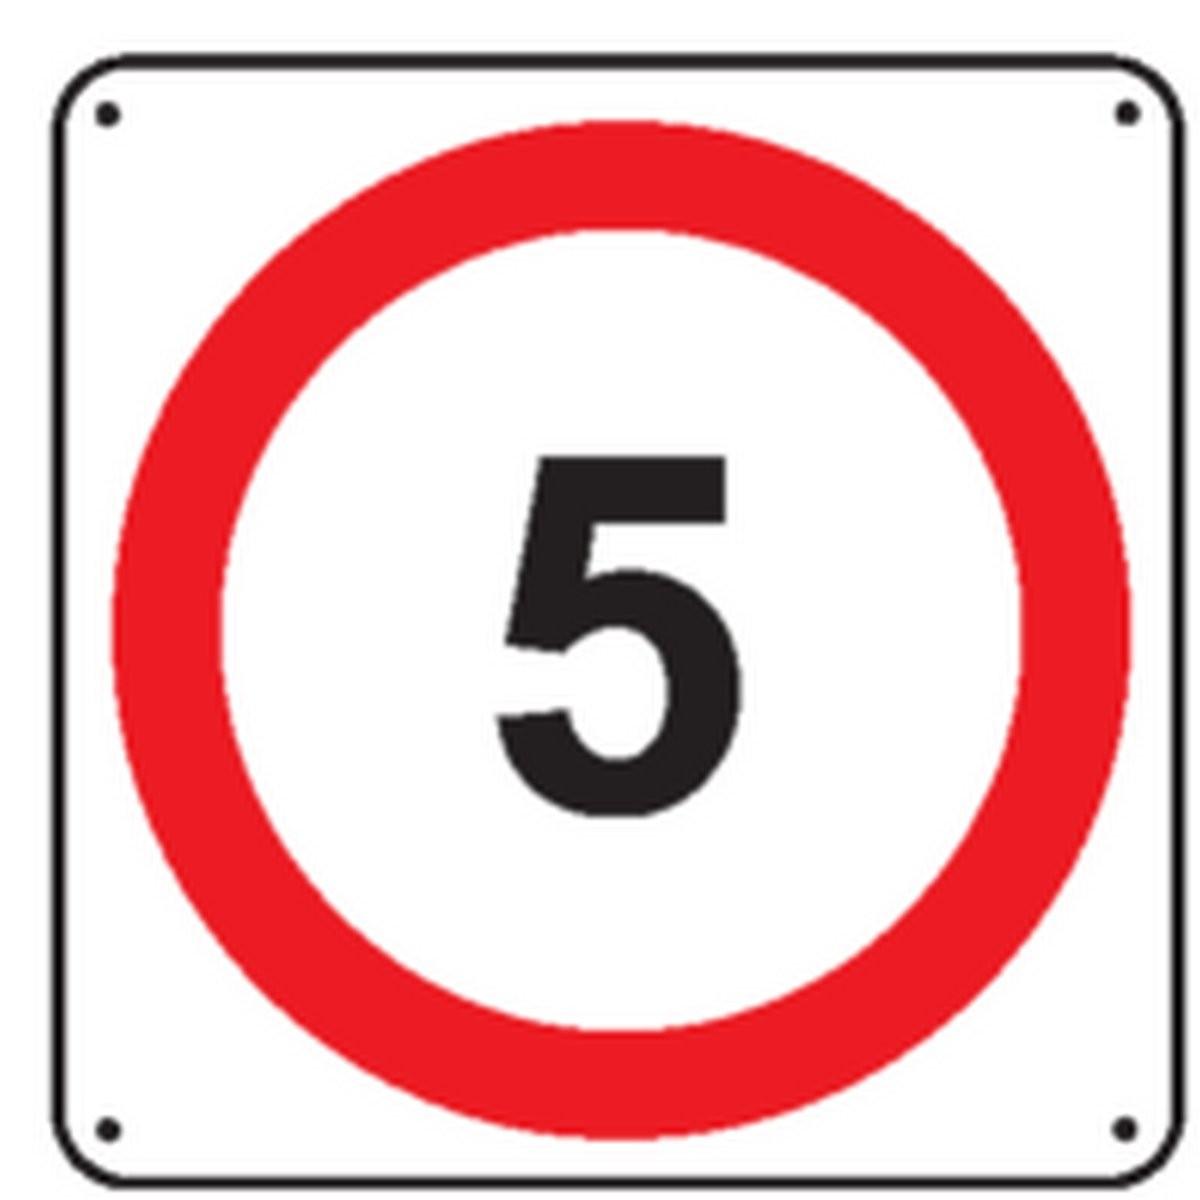 Panneau 5 Km/h